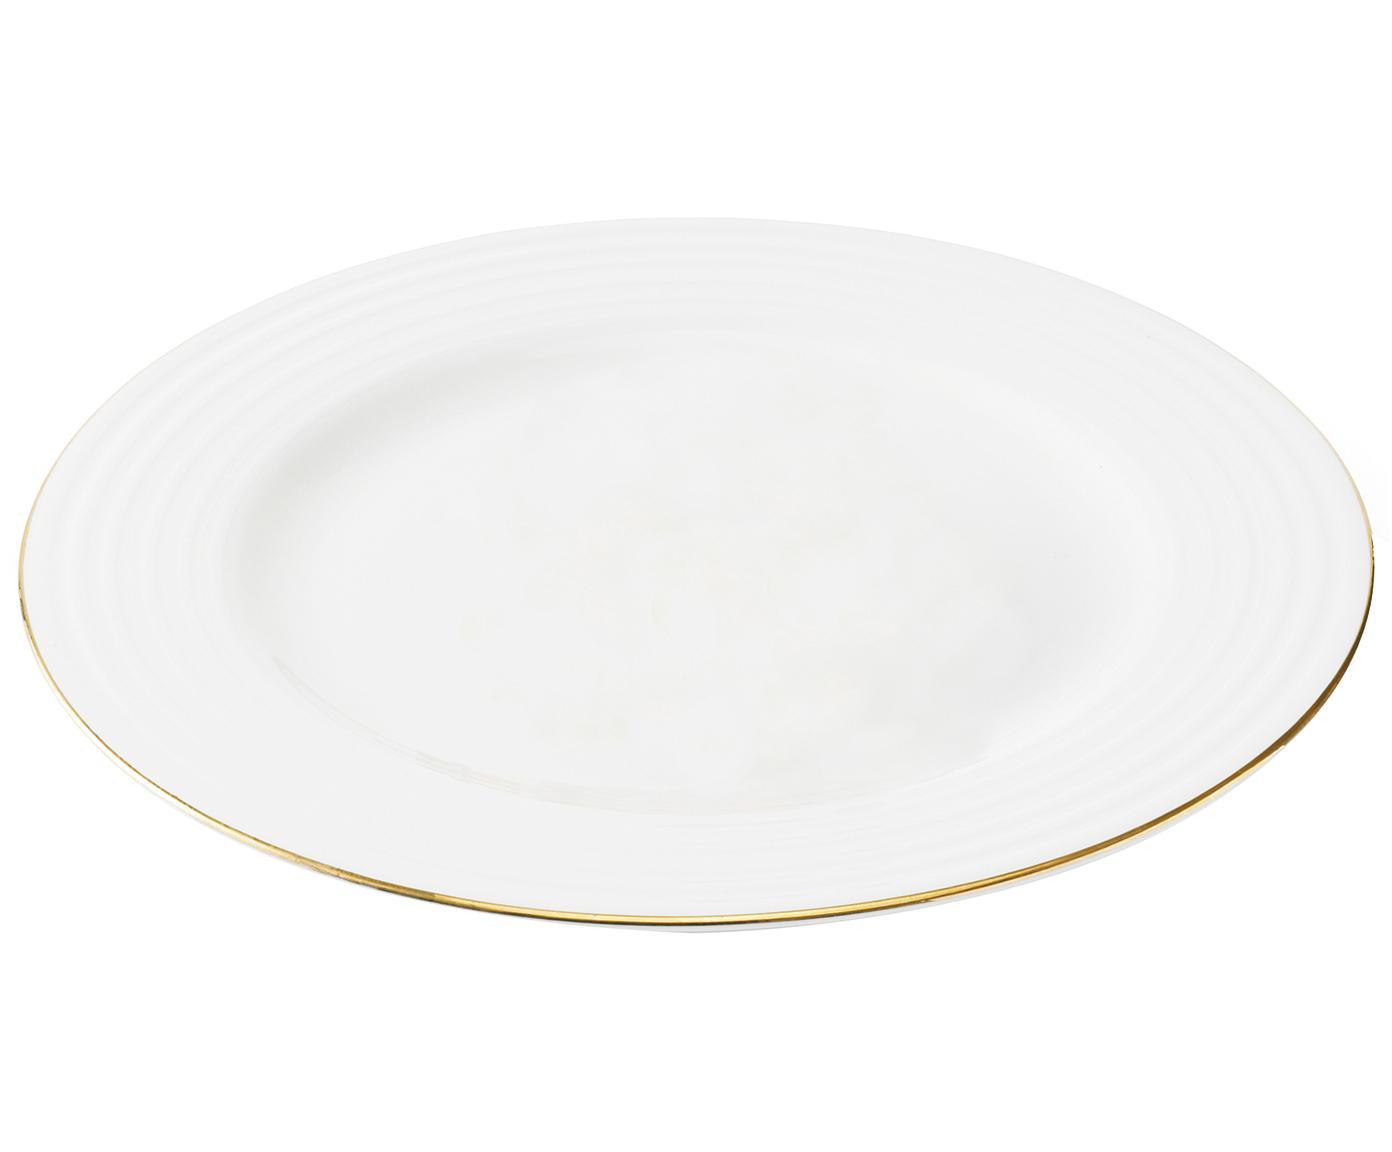 Frühstücksteller Cobald mit goldenem Rand und Rillenrelief, 4 Stück, Porzellan, Weiss, Goldfarben, Ø 23 cm